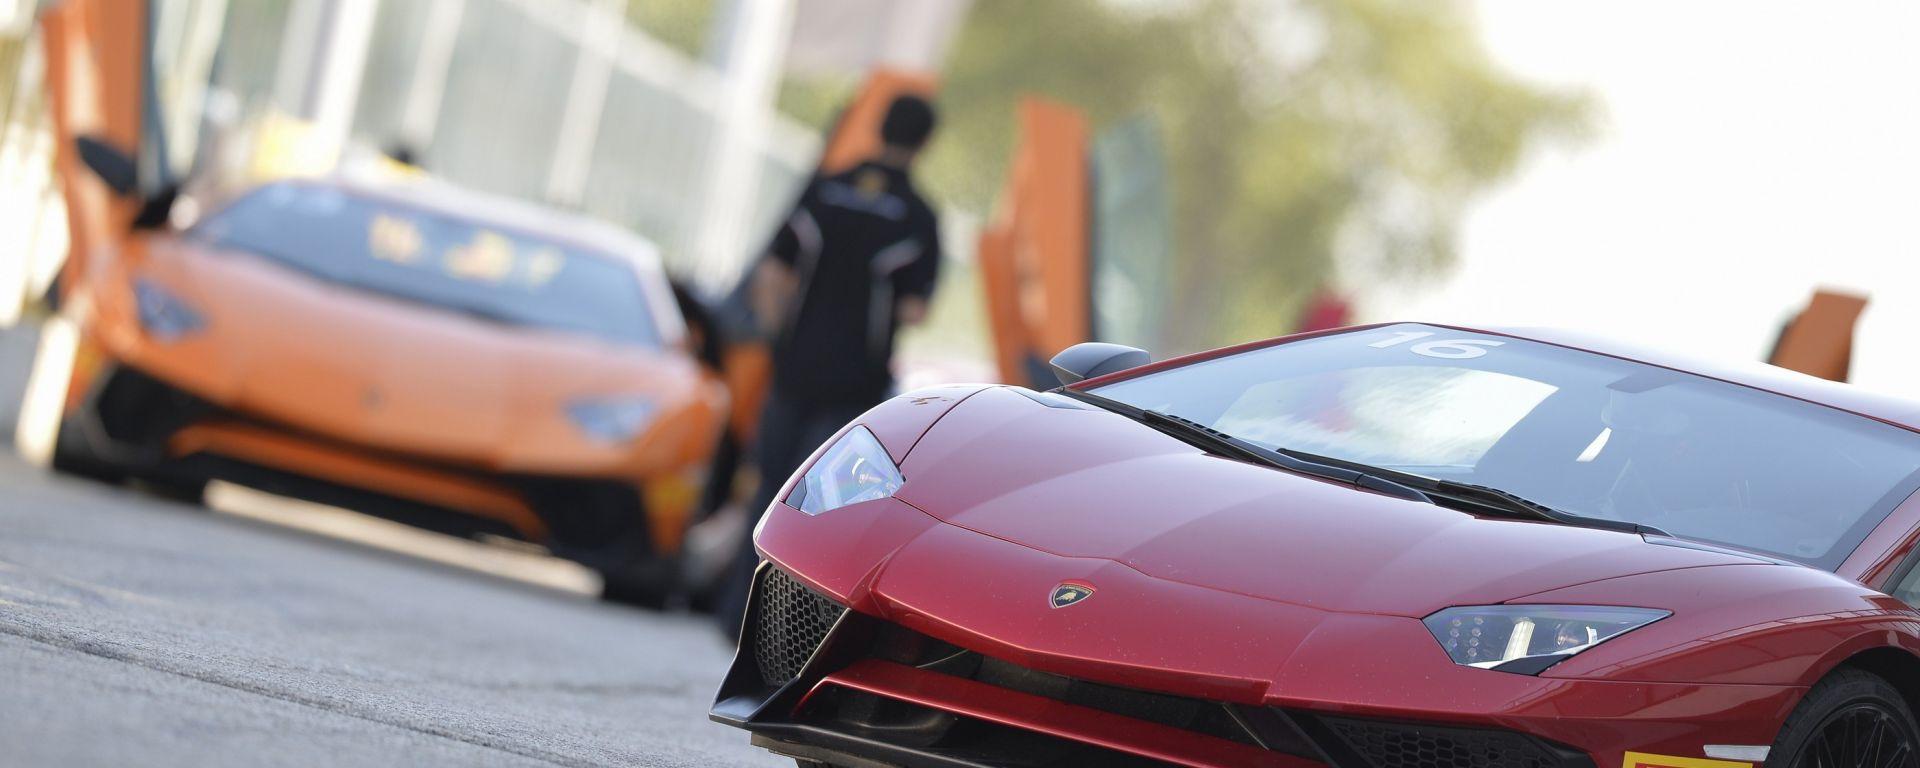 Lamborghini Accademia: in pista con la Aventador SV